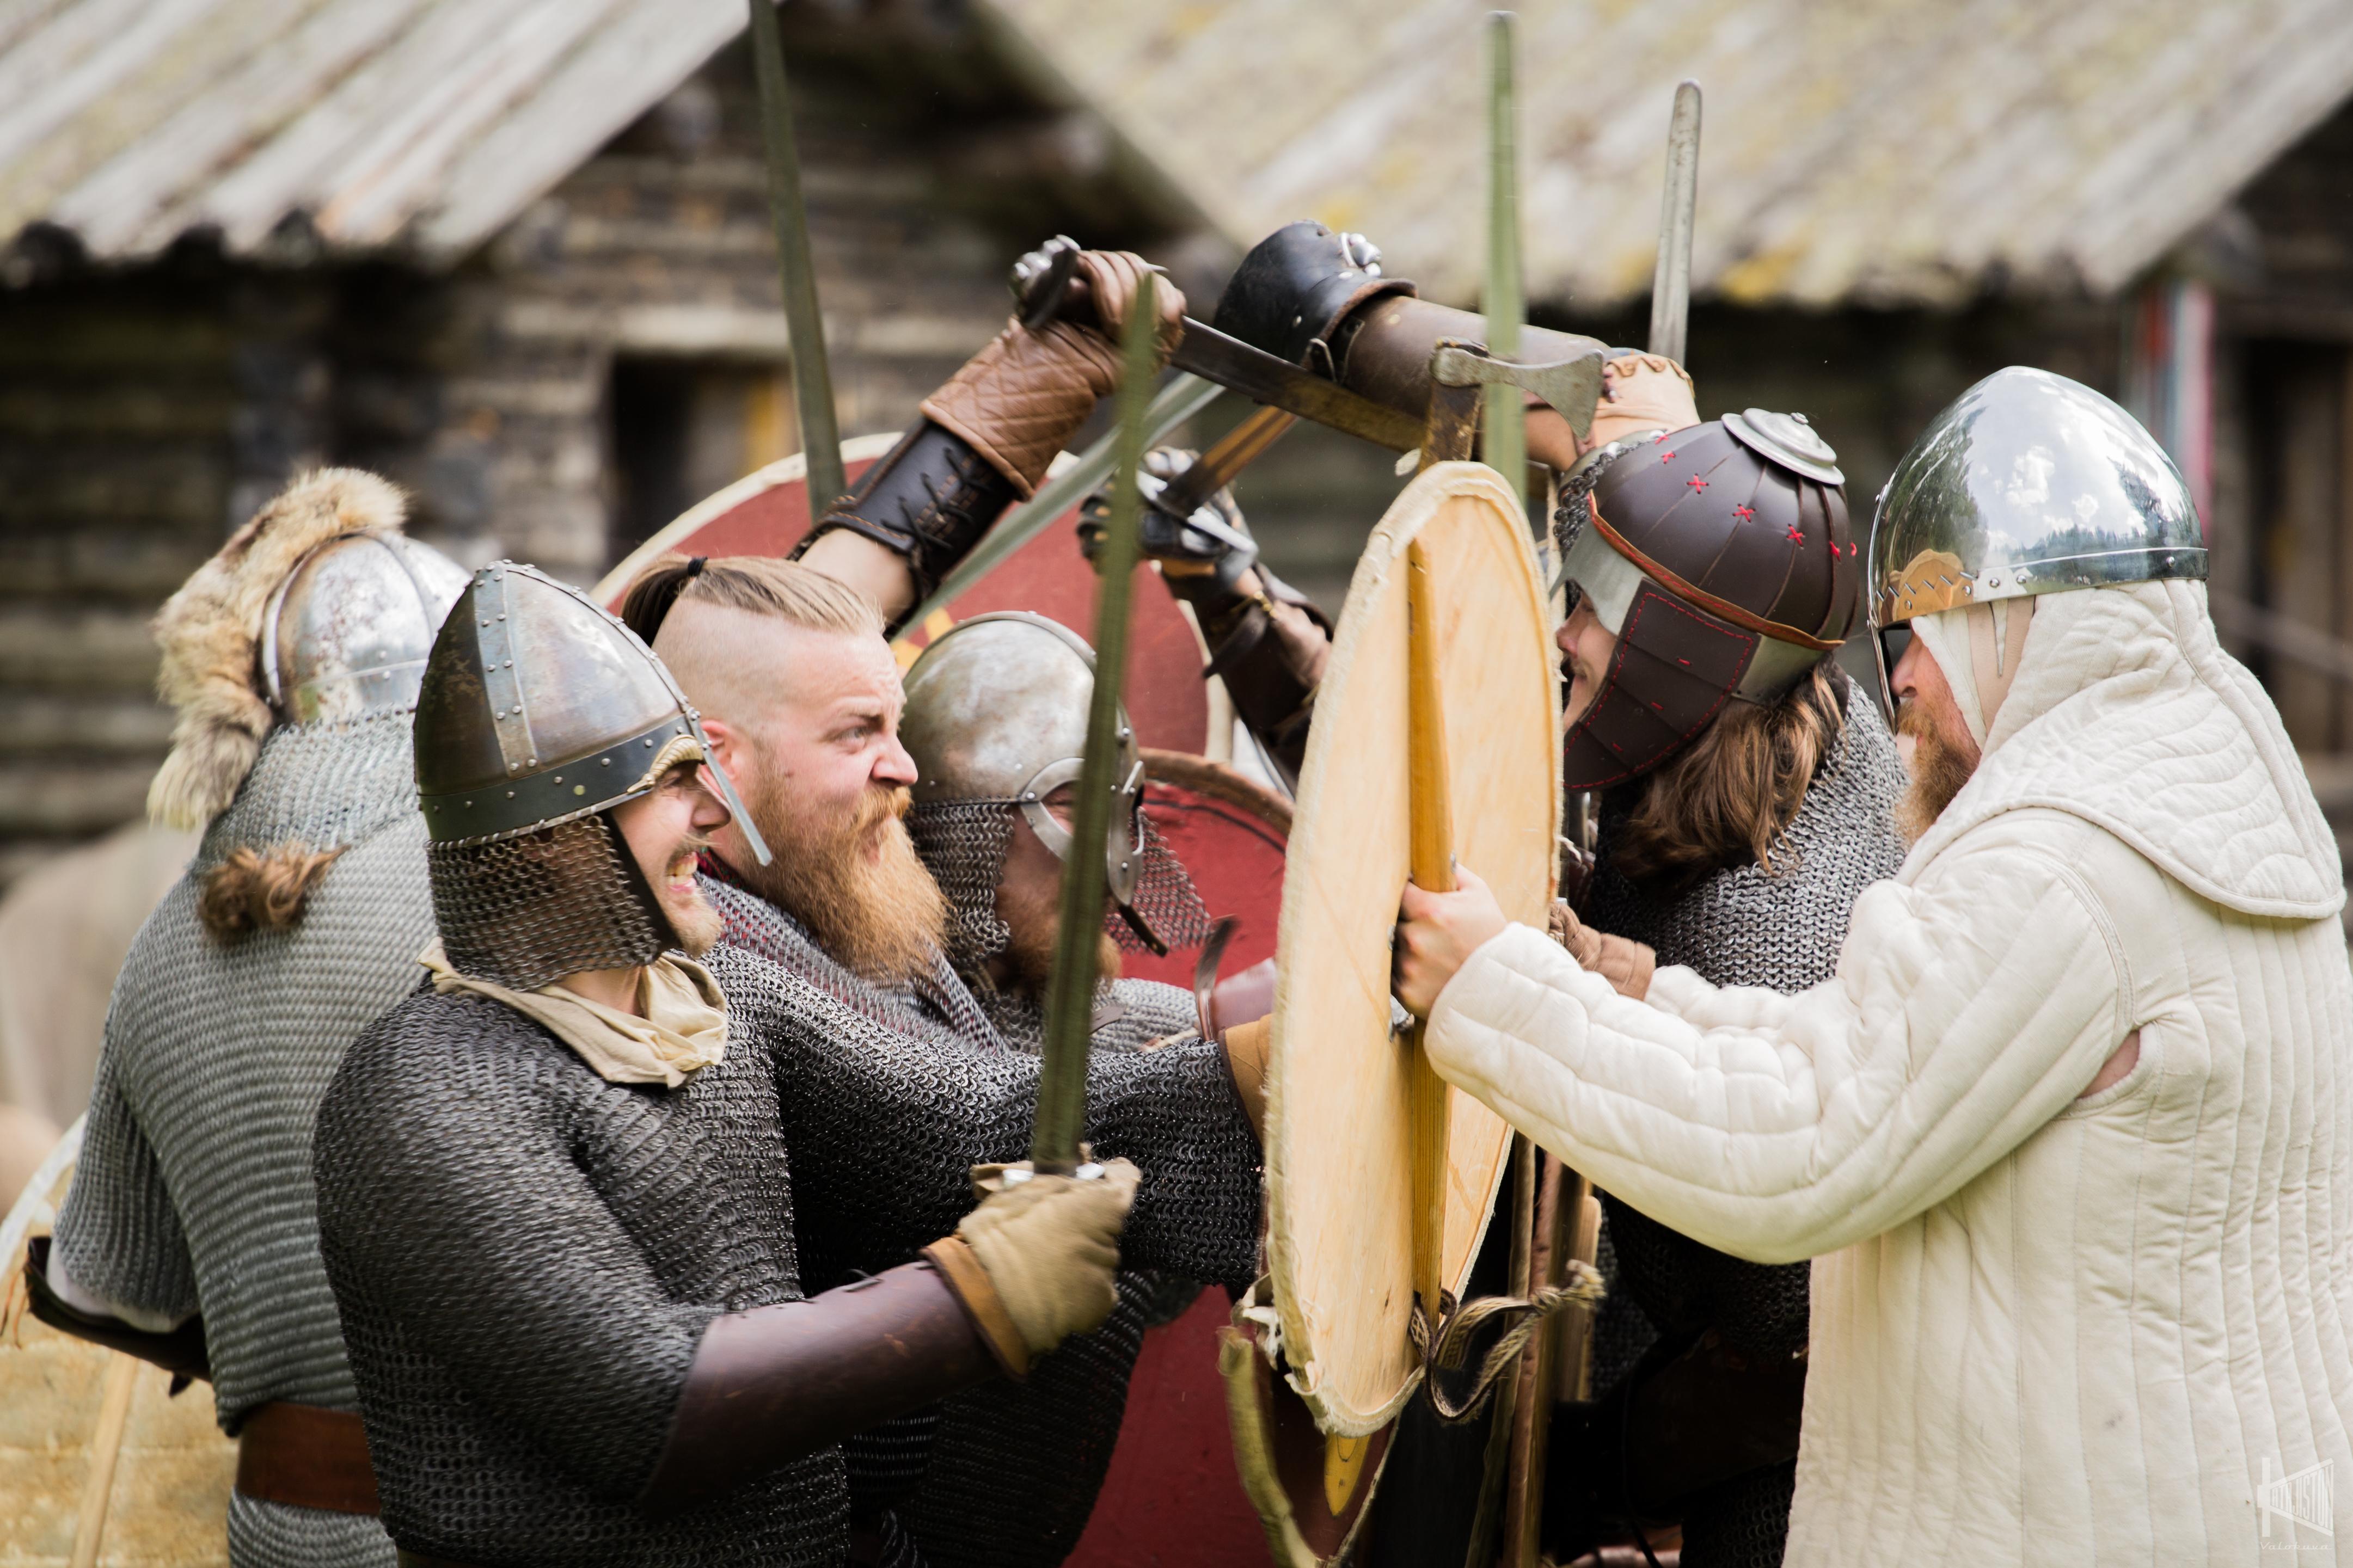 Viikinkiaikaisiin varusteisiin sonnustautuneet soturit ottavat yhteen miekoin ja kilvin.